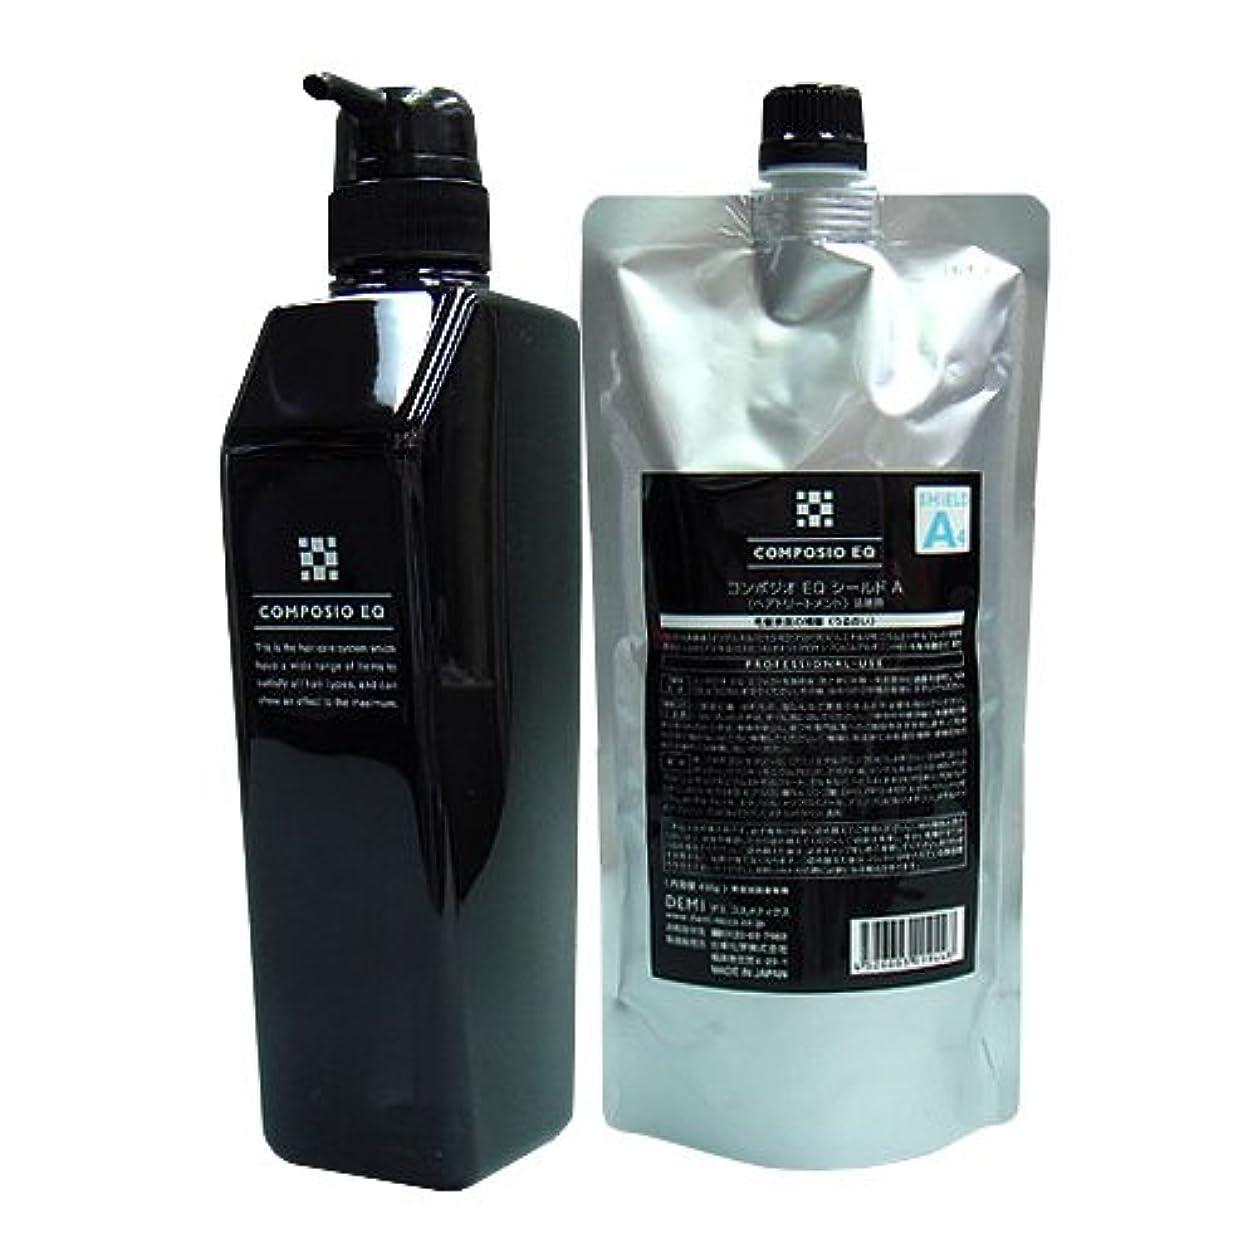 繁栄黄ばむおなかがすいたデミ コンポジオ EQ シールド A 詰替え ボトルセット うるおいタイプ 450g